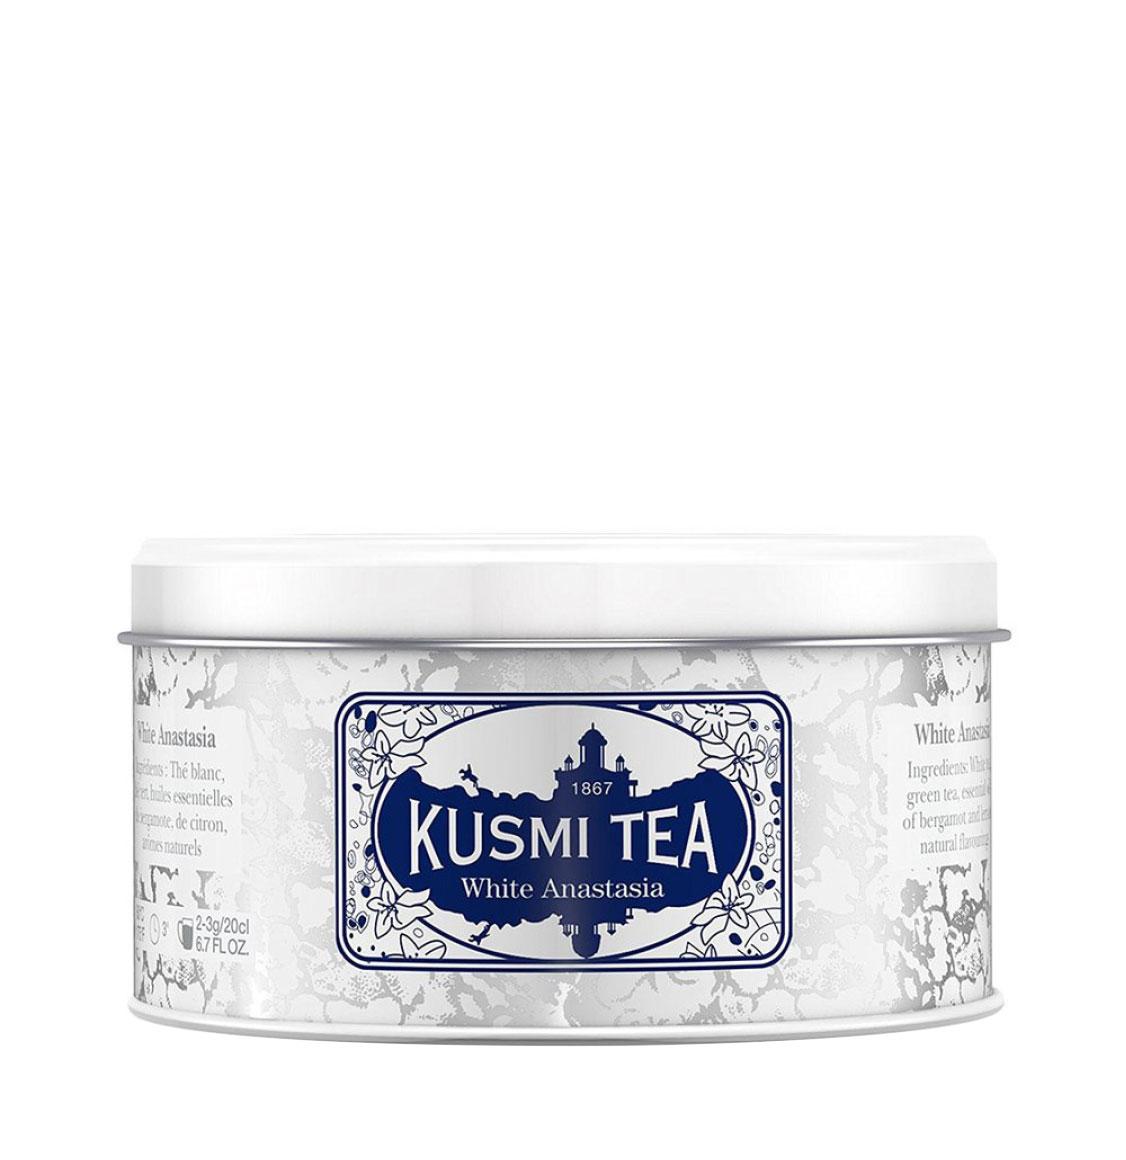 Kusmi Tea White Anastasia 125g